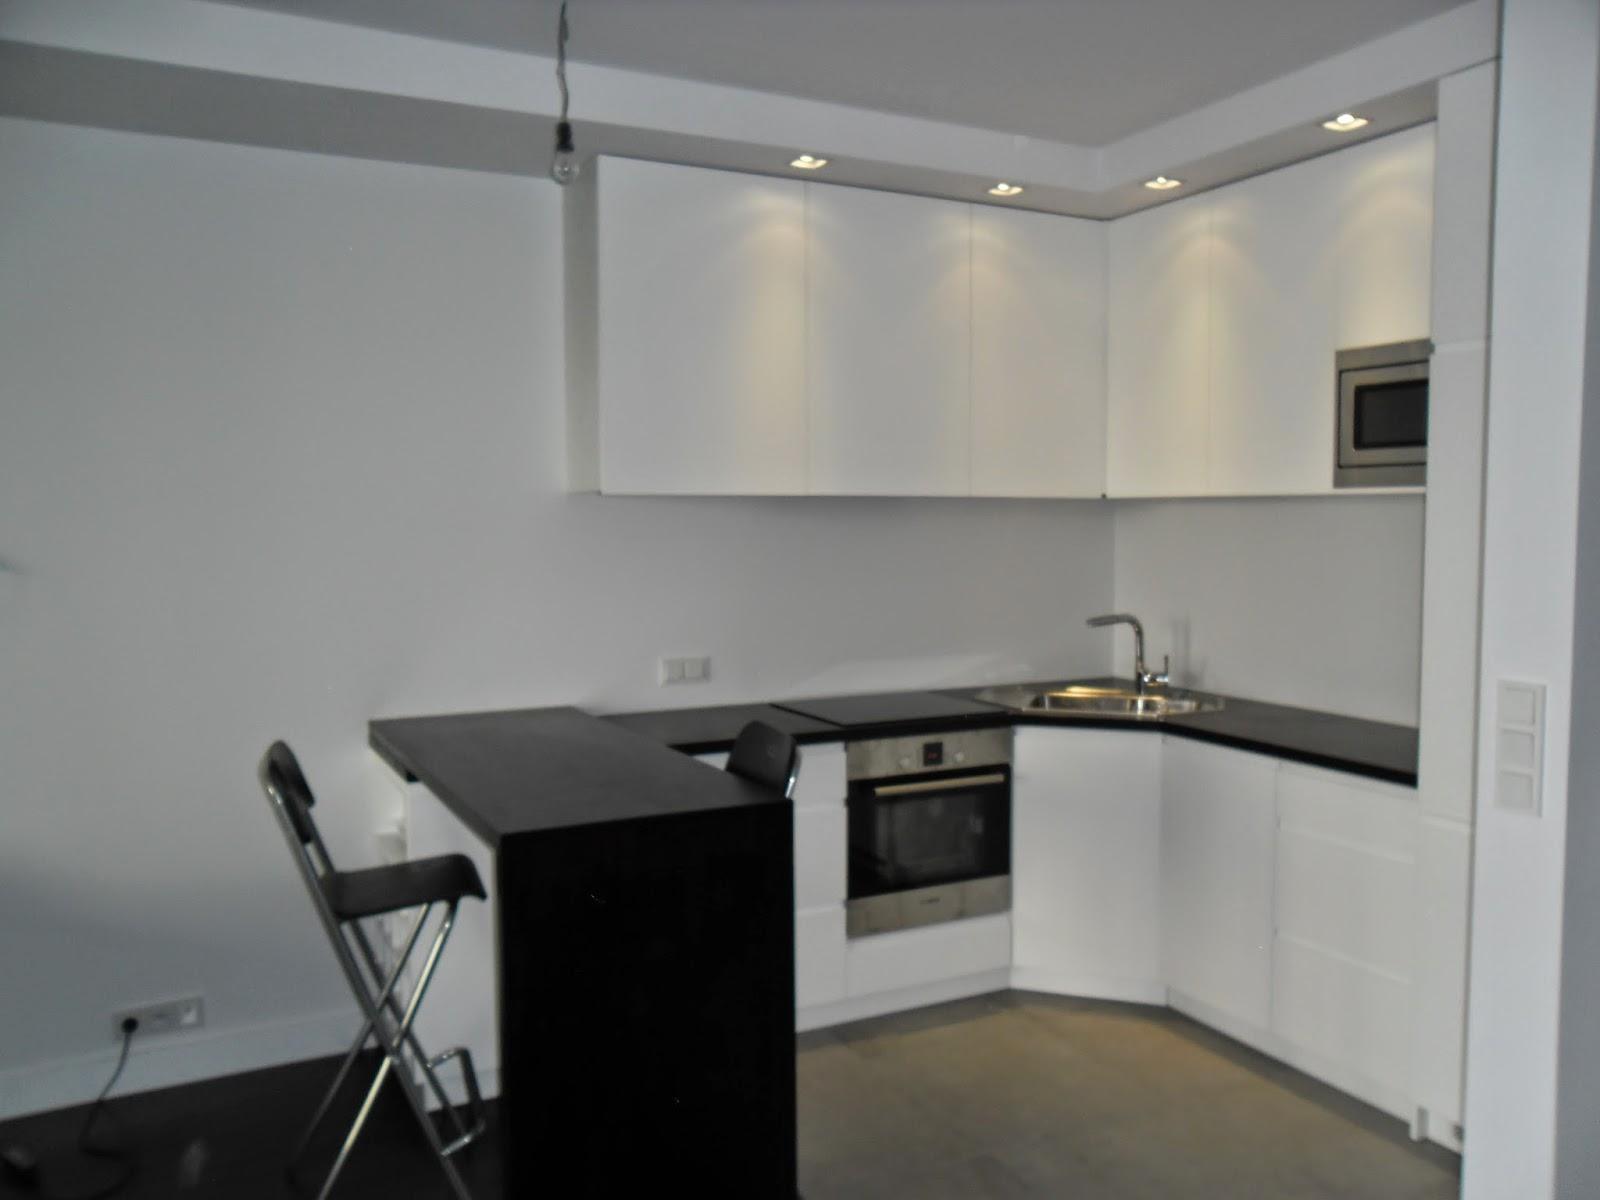 Kuchnia w bloku  biała, funkcjonalna i pojemna  Blog o projektowaniu mebli -> Funkcjonalna Mala Kuchnia W Bloku